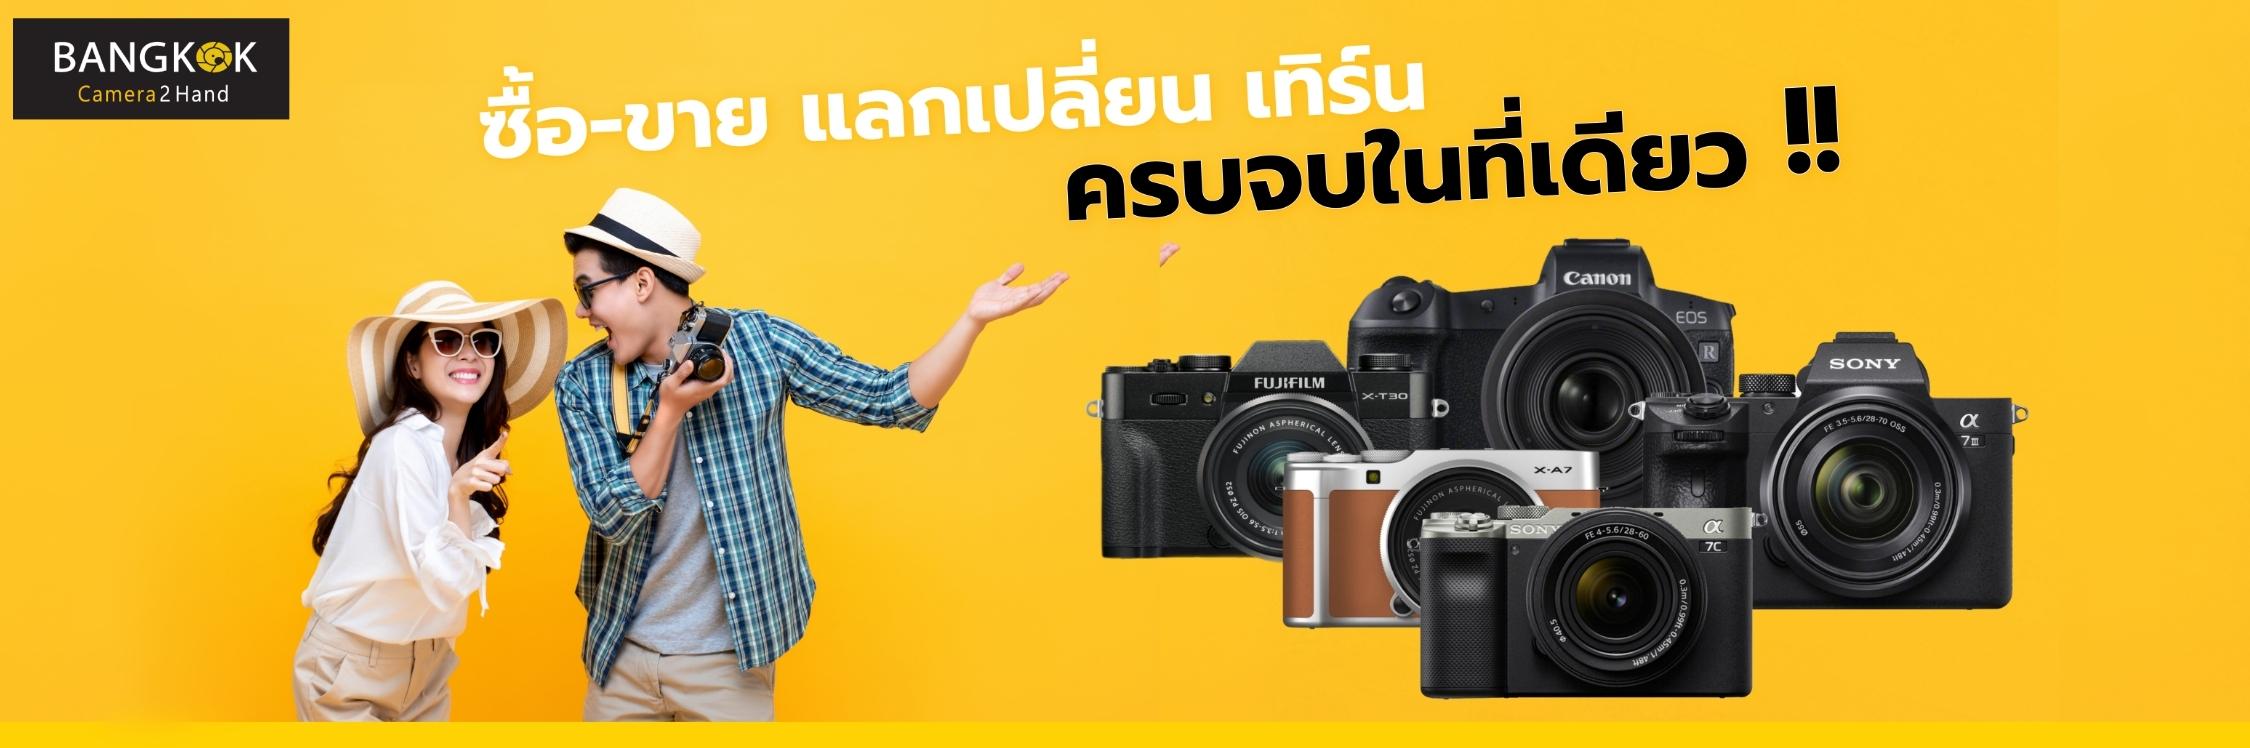 Camera2hand กล้องมือสอง ซื้อขายกล้องมือสอง รับเทิร์นกล้อง รับซื้อกล้องทุกรุ่น